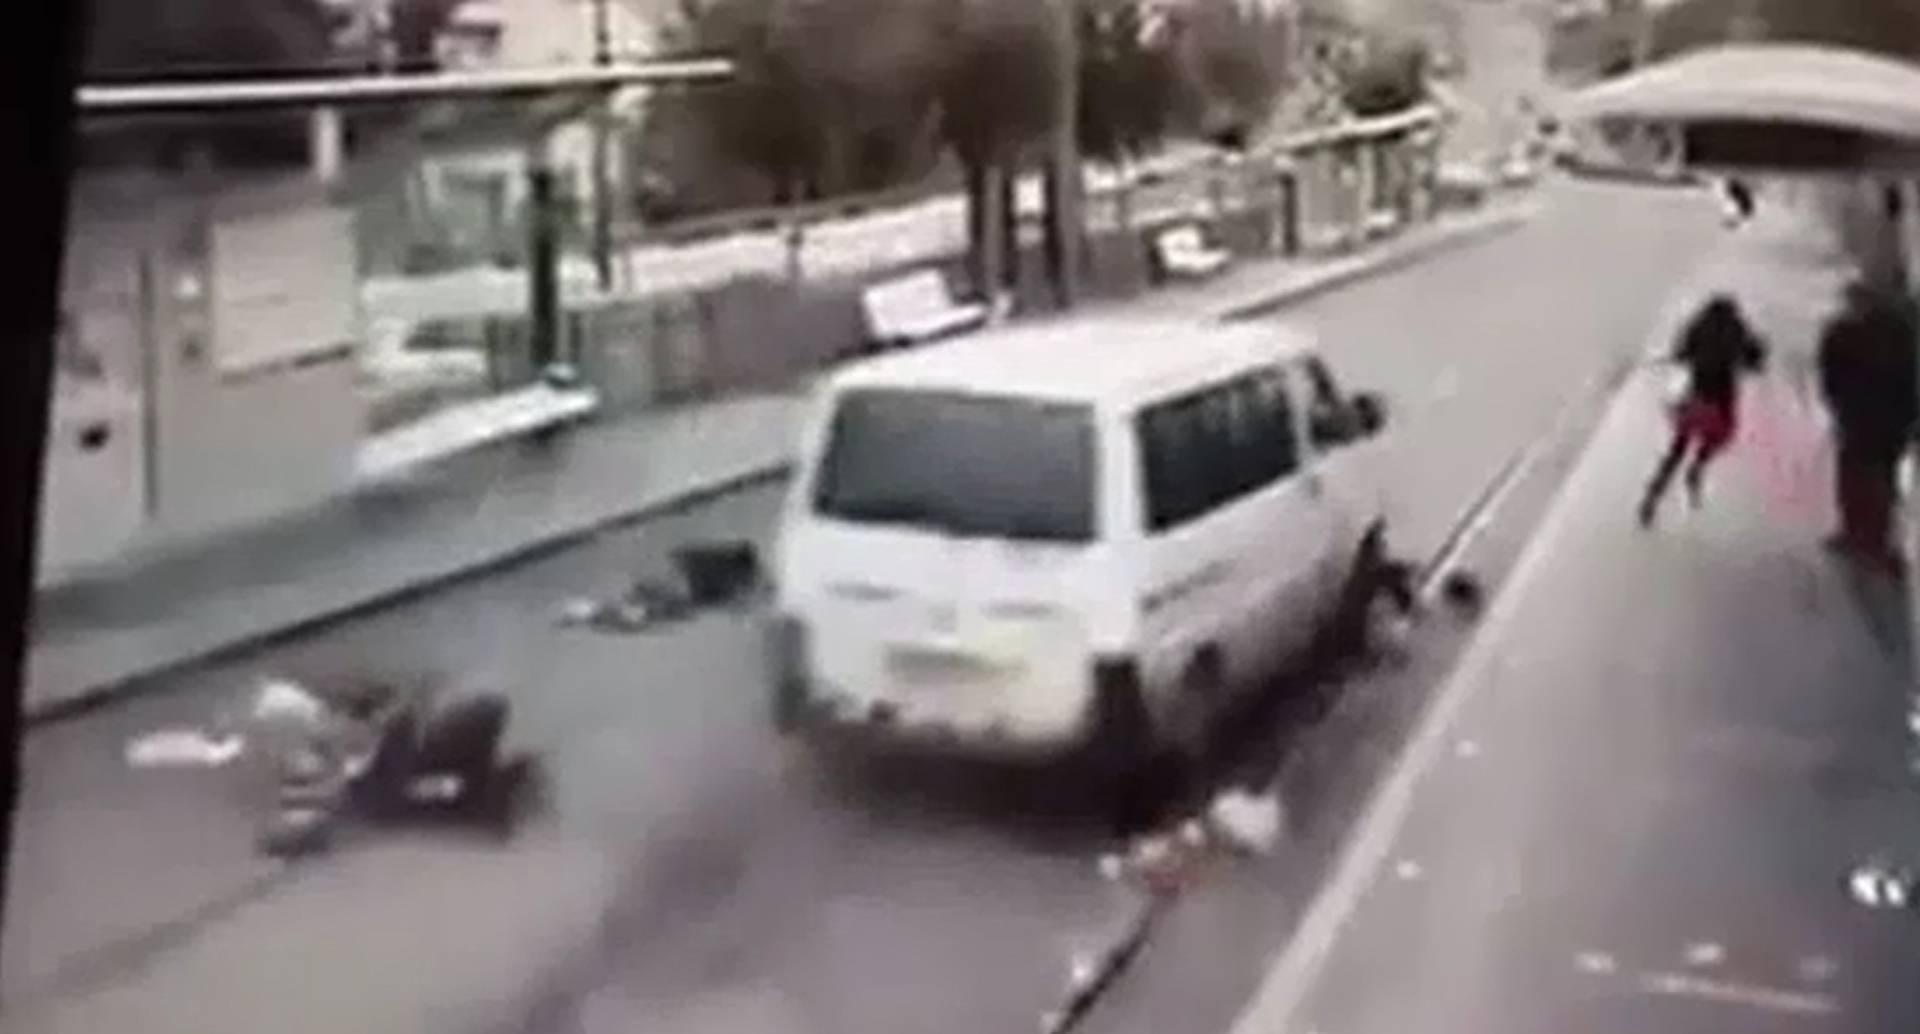 Las autoridades israelíes reforzaron nuevamente este jueves las medidas de seguridad en Jerusalén, un día después de disturbios y de dos atentados con coches conducidos por palestinos.